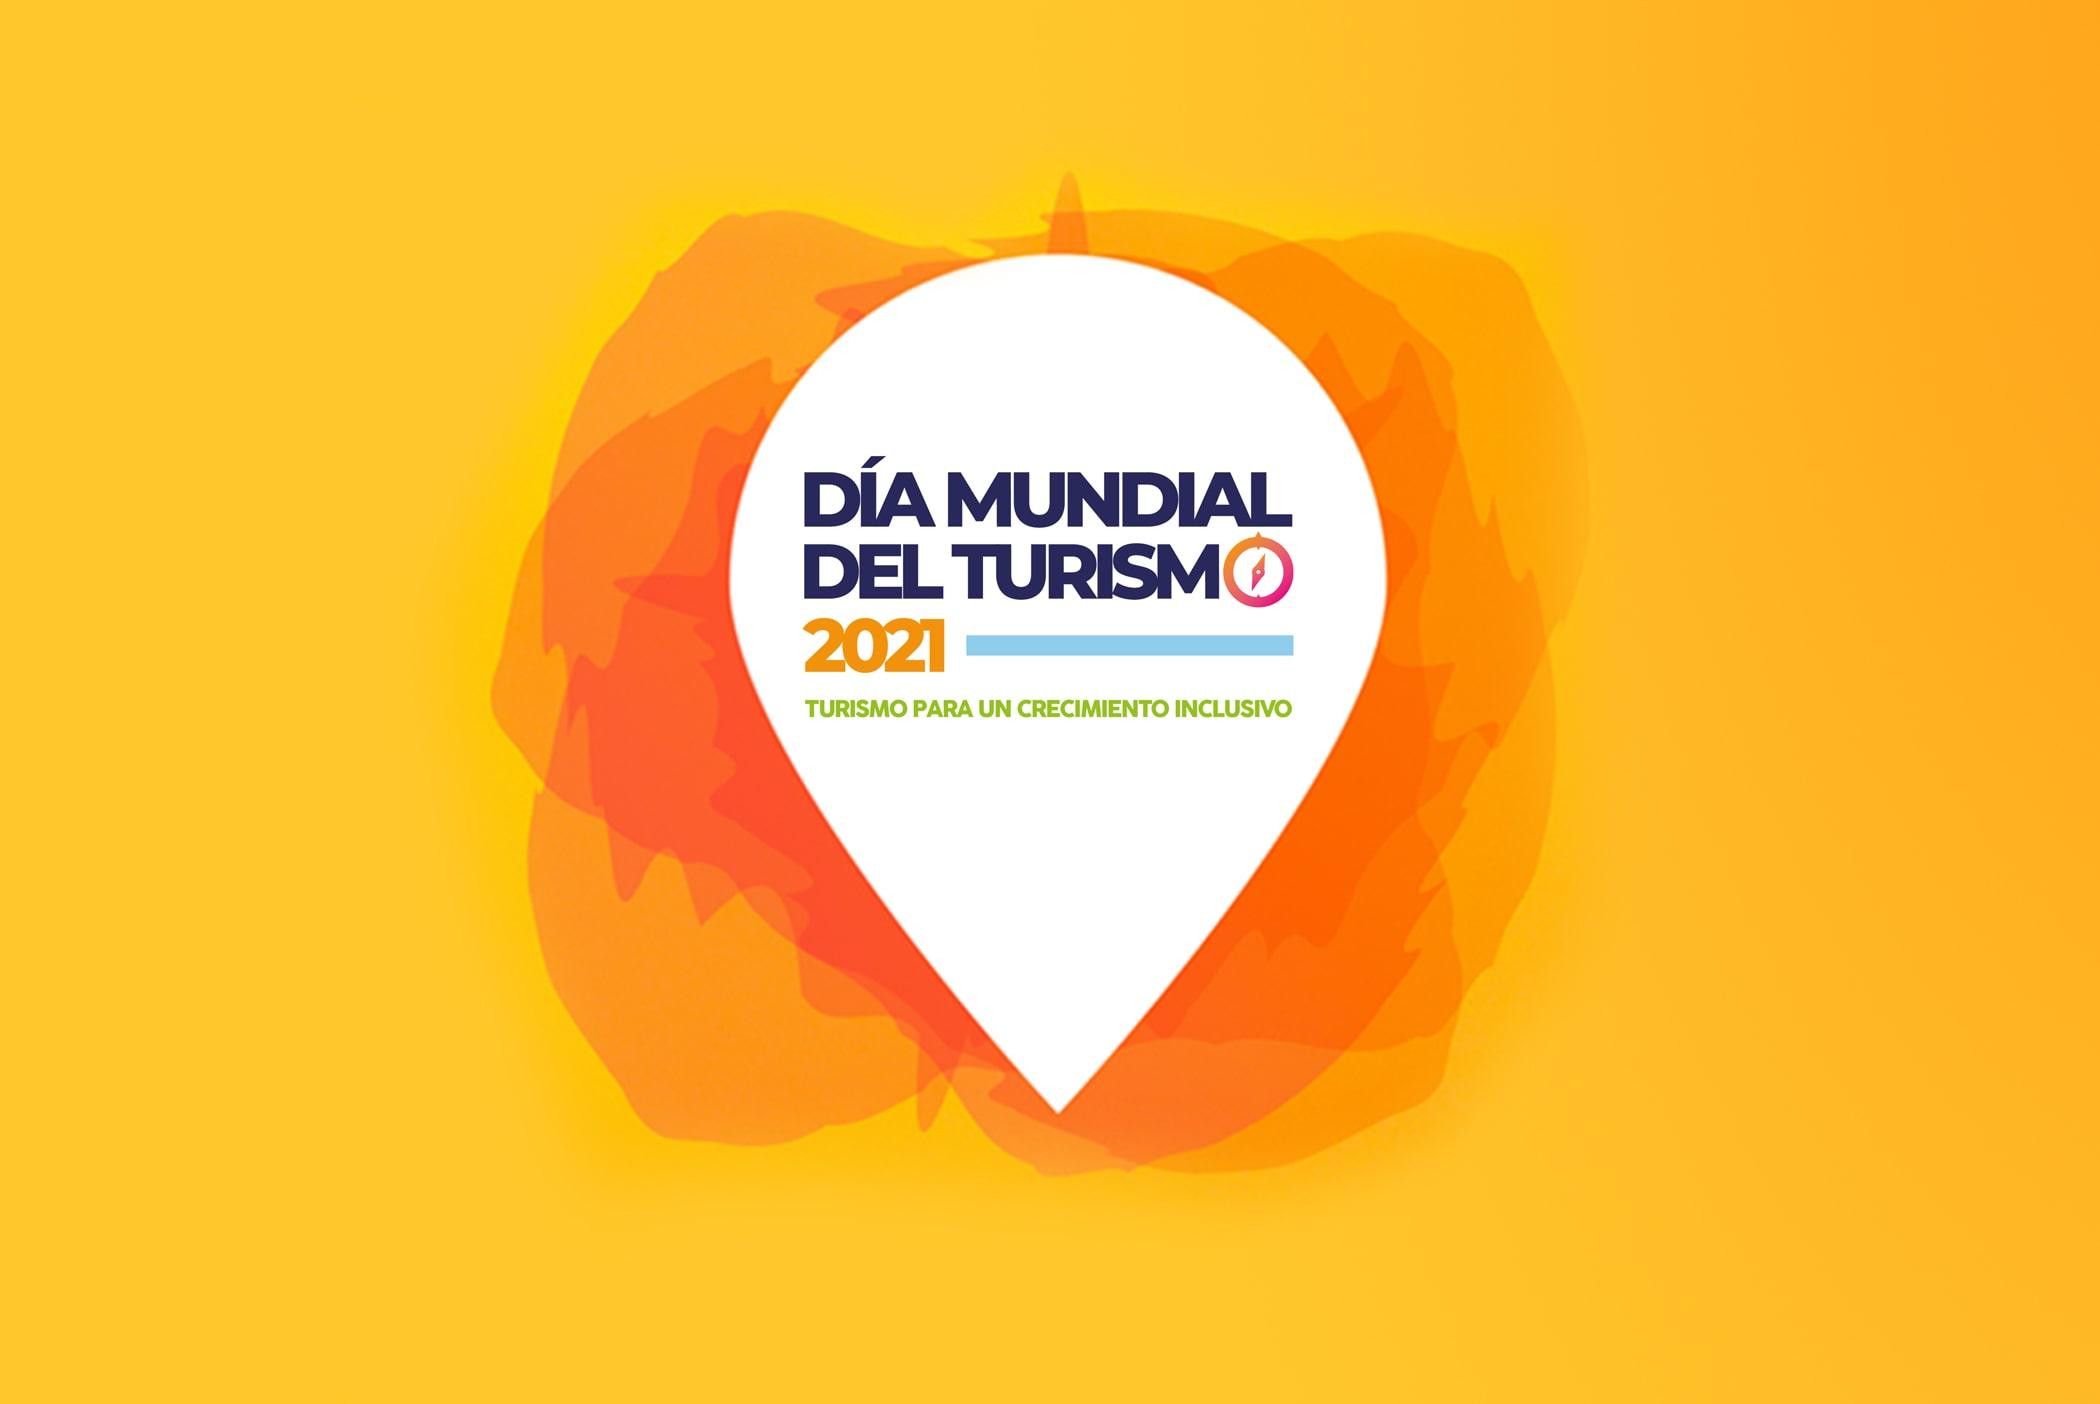 «Turismo un crecimiento inclusivo» es el lema del Día Mundial del Turismo 2021